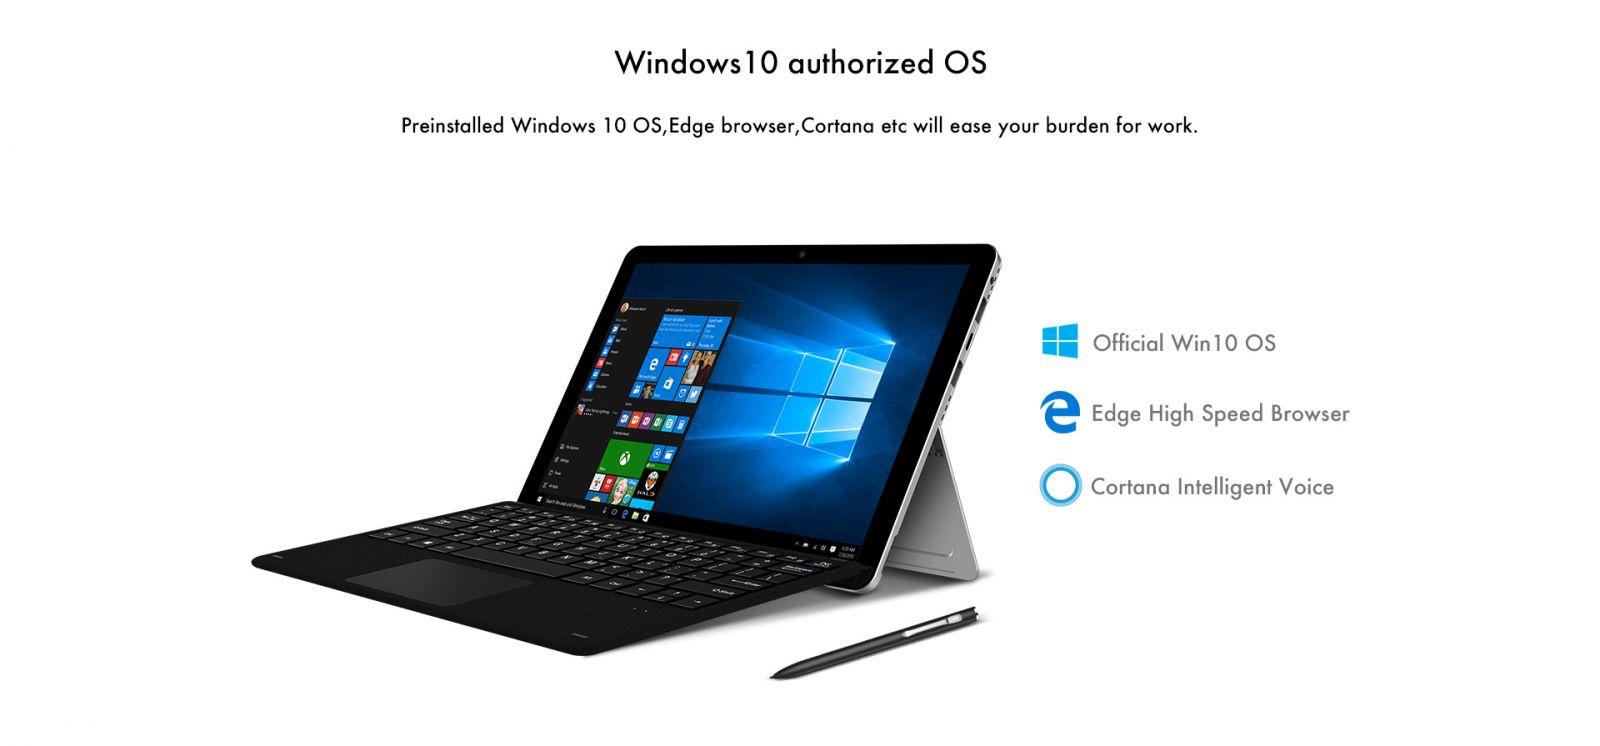 Chuwi Surbook Mini 2 In 1 Tablet Pc Intel 4gb 64gb 108 Inch Windows Lenovo Yoga 330 N4000 128gb 116 Hd Win10 Menggunakan Sistem Operasi 10 Layaknya Laptop Dan Sehingga Semua Aplikasi Seperti Microsoft Word Excel Game